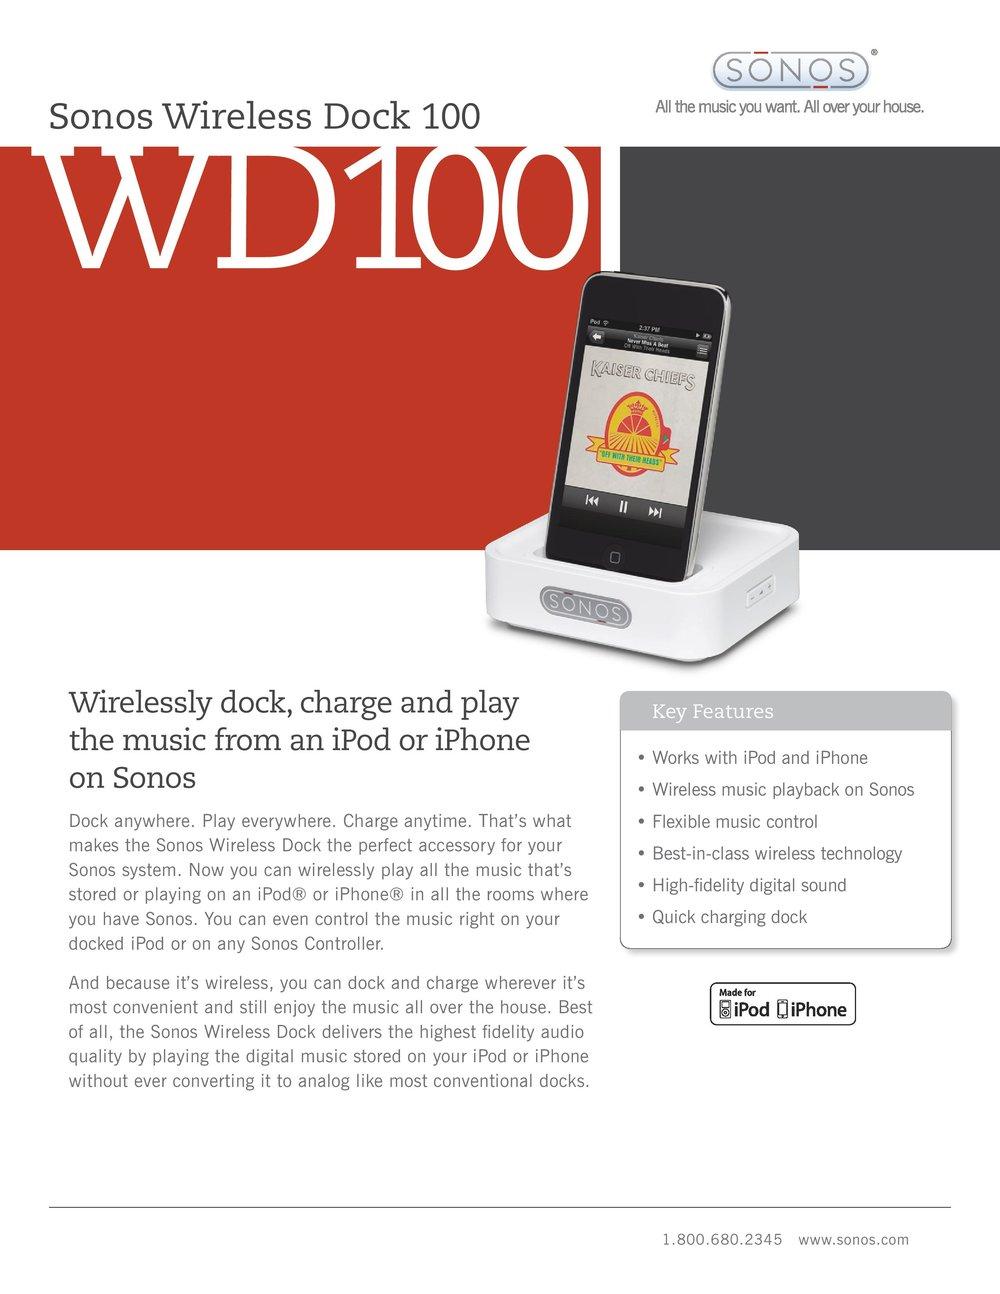 SONOS Wireless iPod Dock WD100